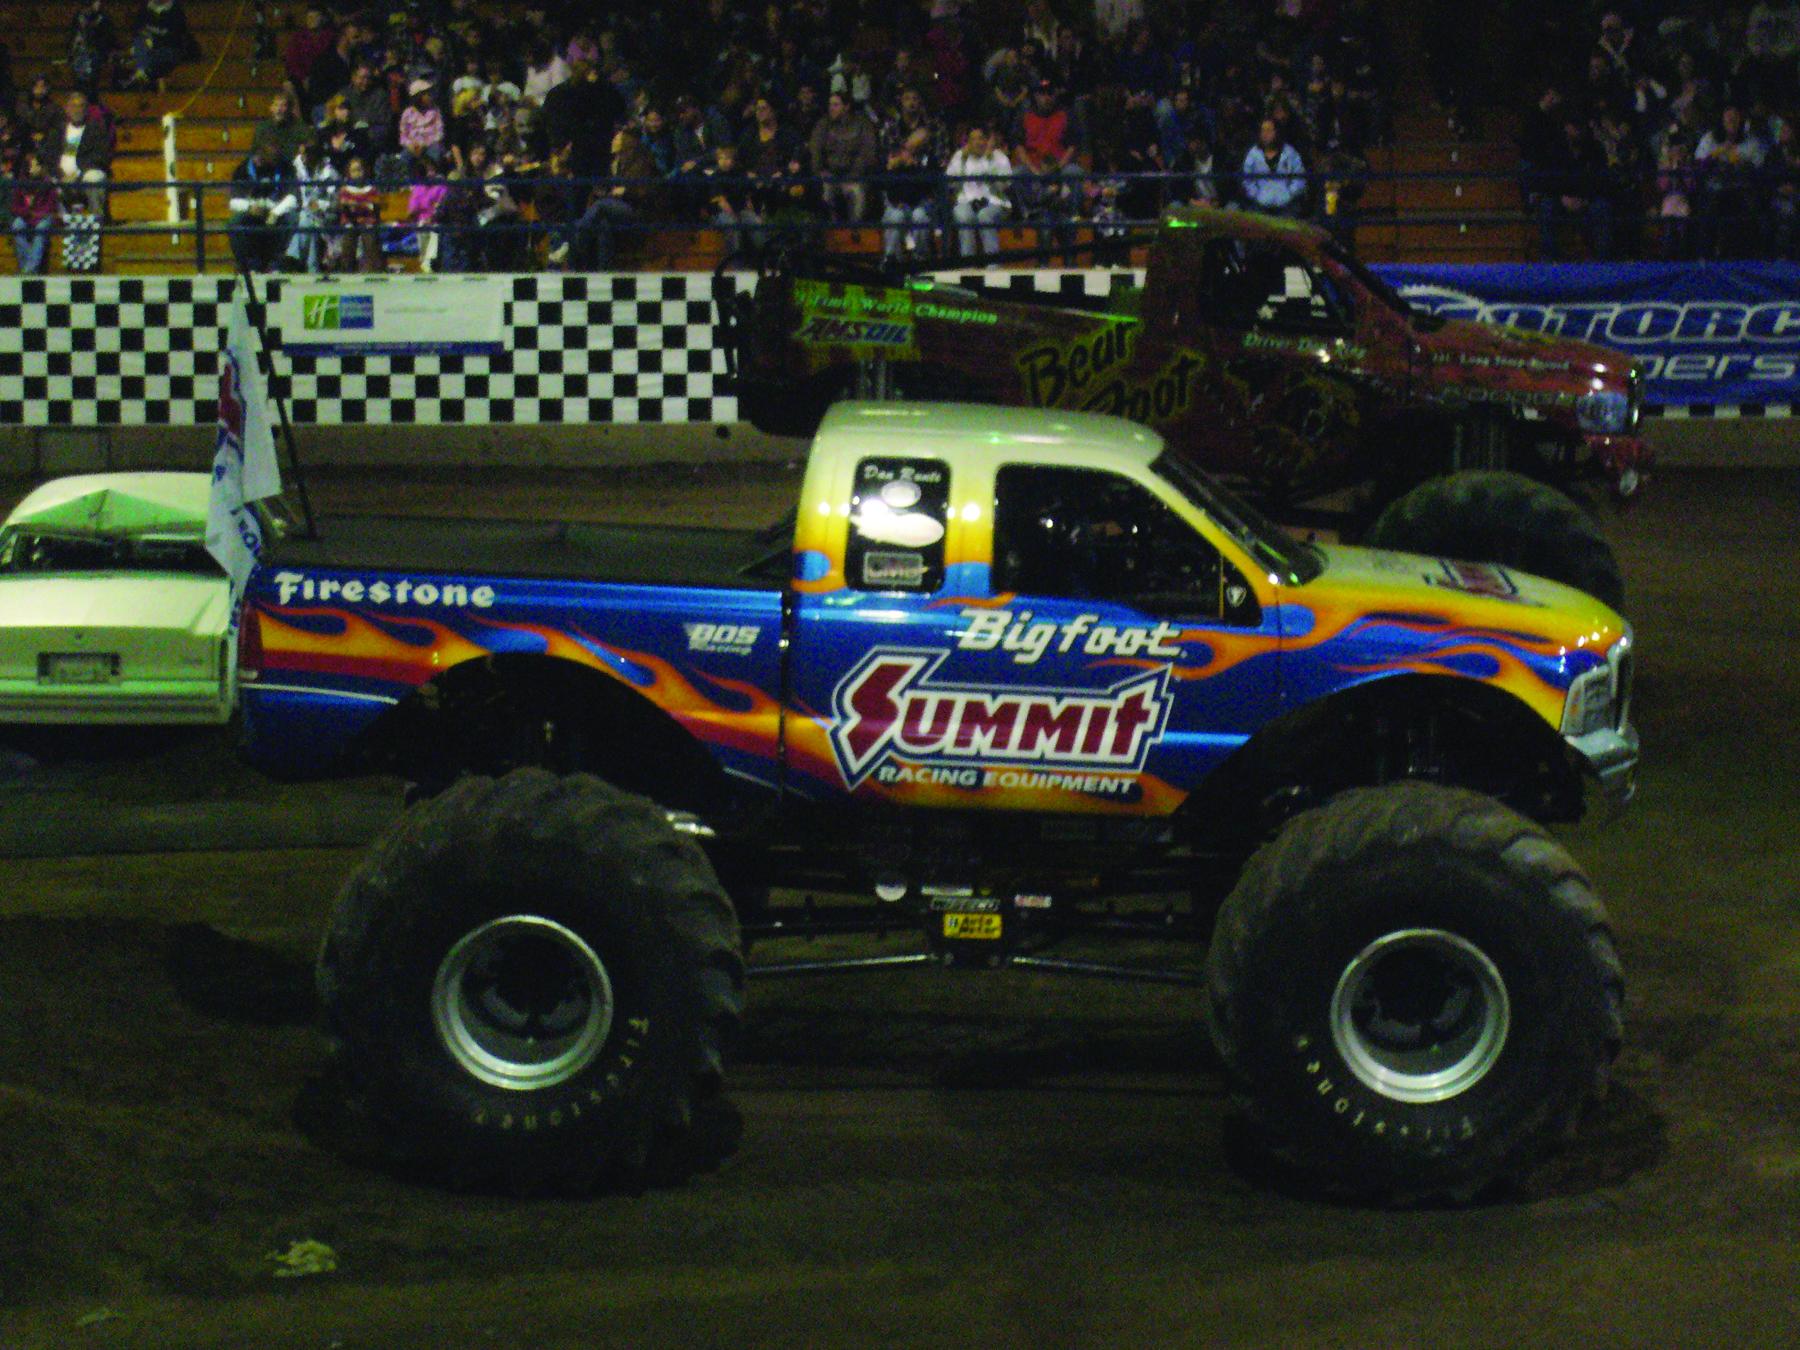 Photo of Bigfoot Monster Truck